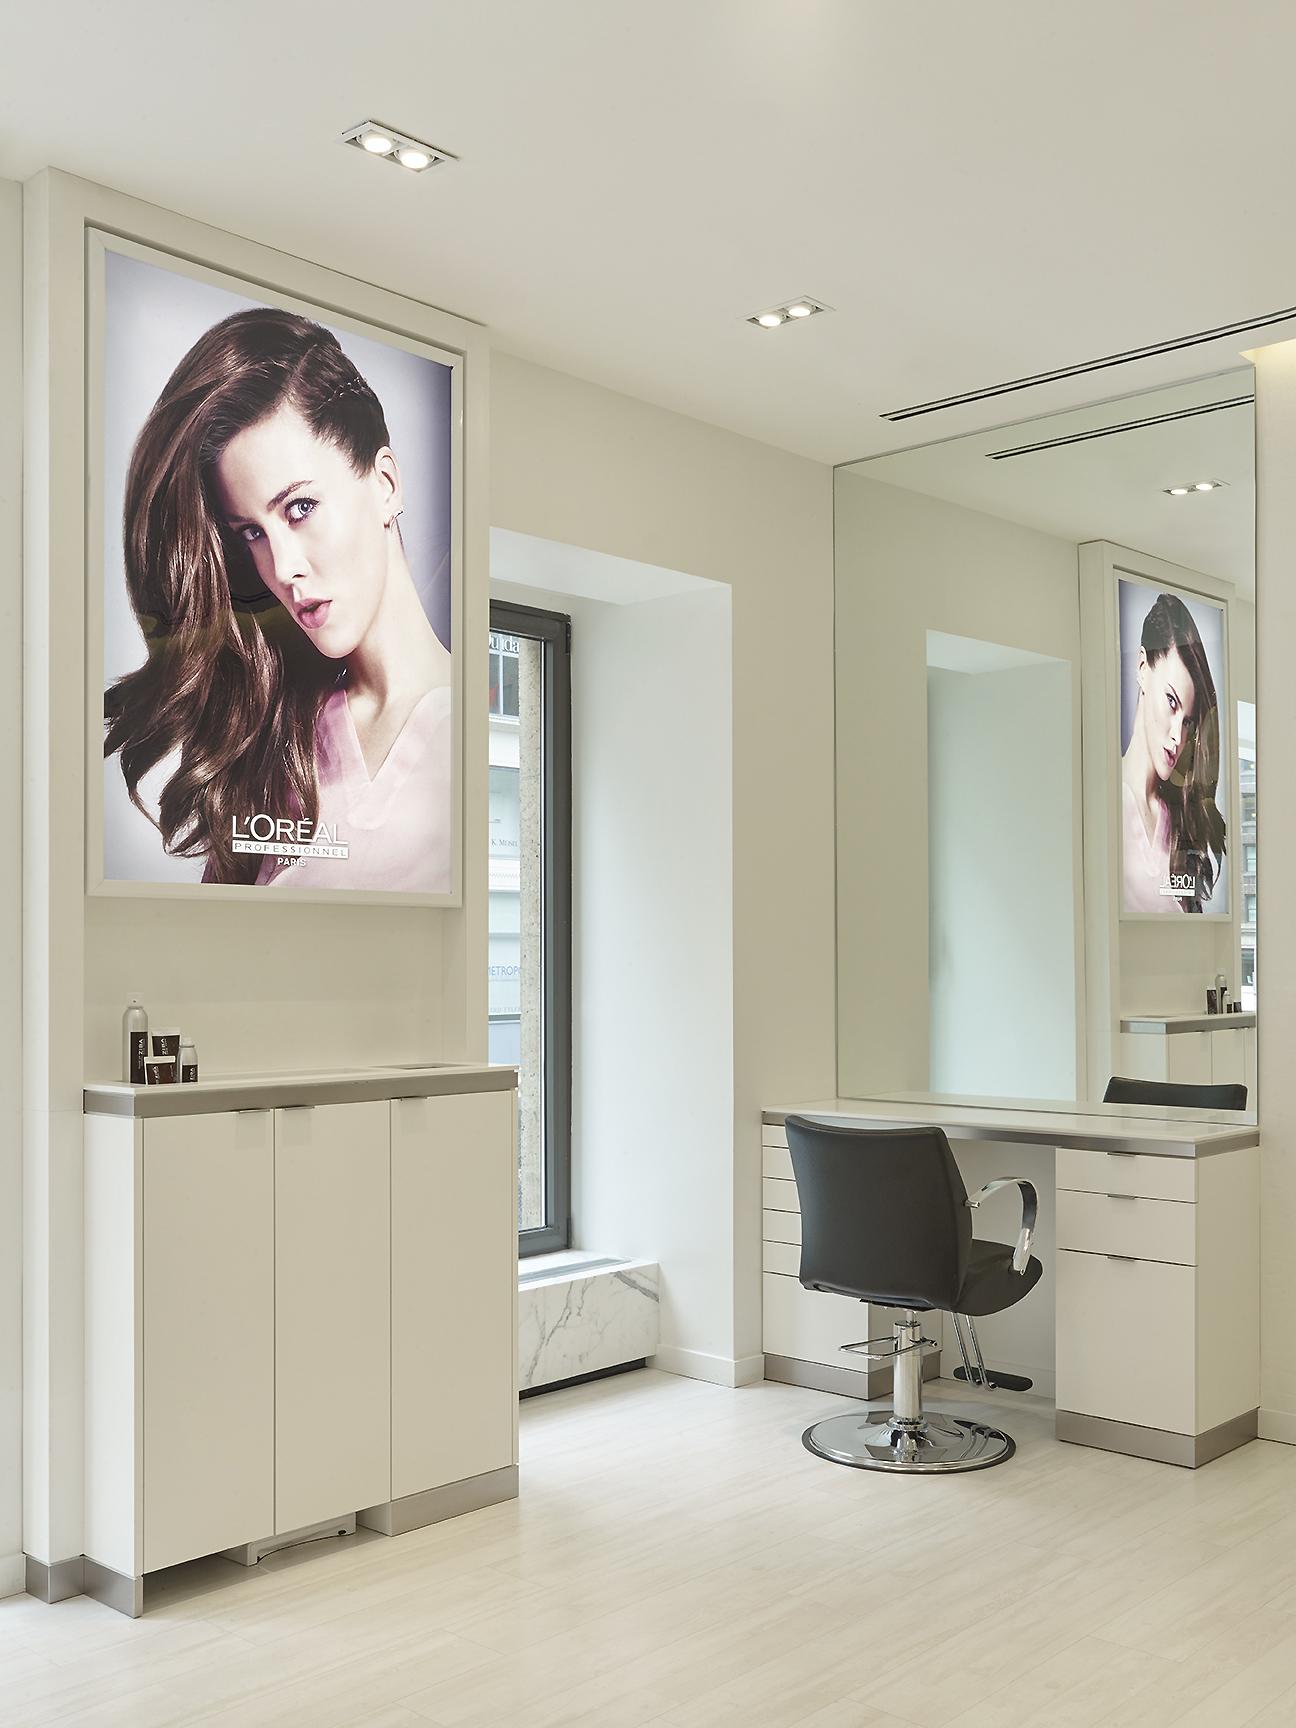 Salon Ziba_1.jpg